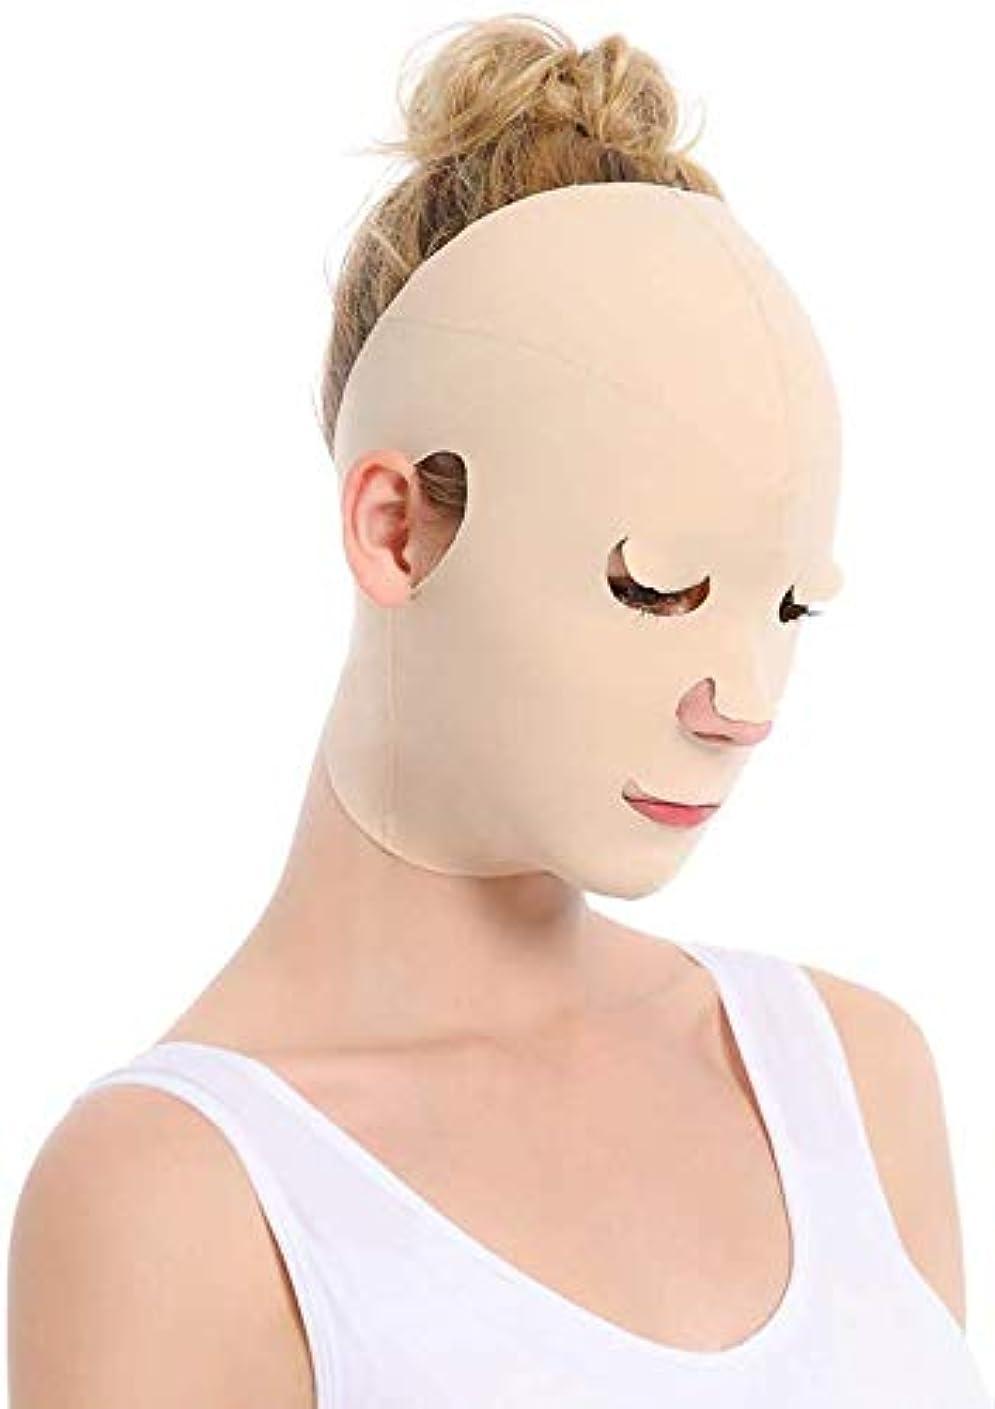 大宇宙汚れるキウイ美容と実用的な小顔ツールV顔包帯薄い顔美容マスク怠zyな睡眠マスク男性と女性V顔包帯整形リフティング引き締め顔薄い二重あご